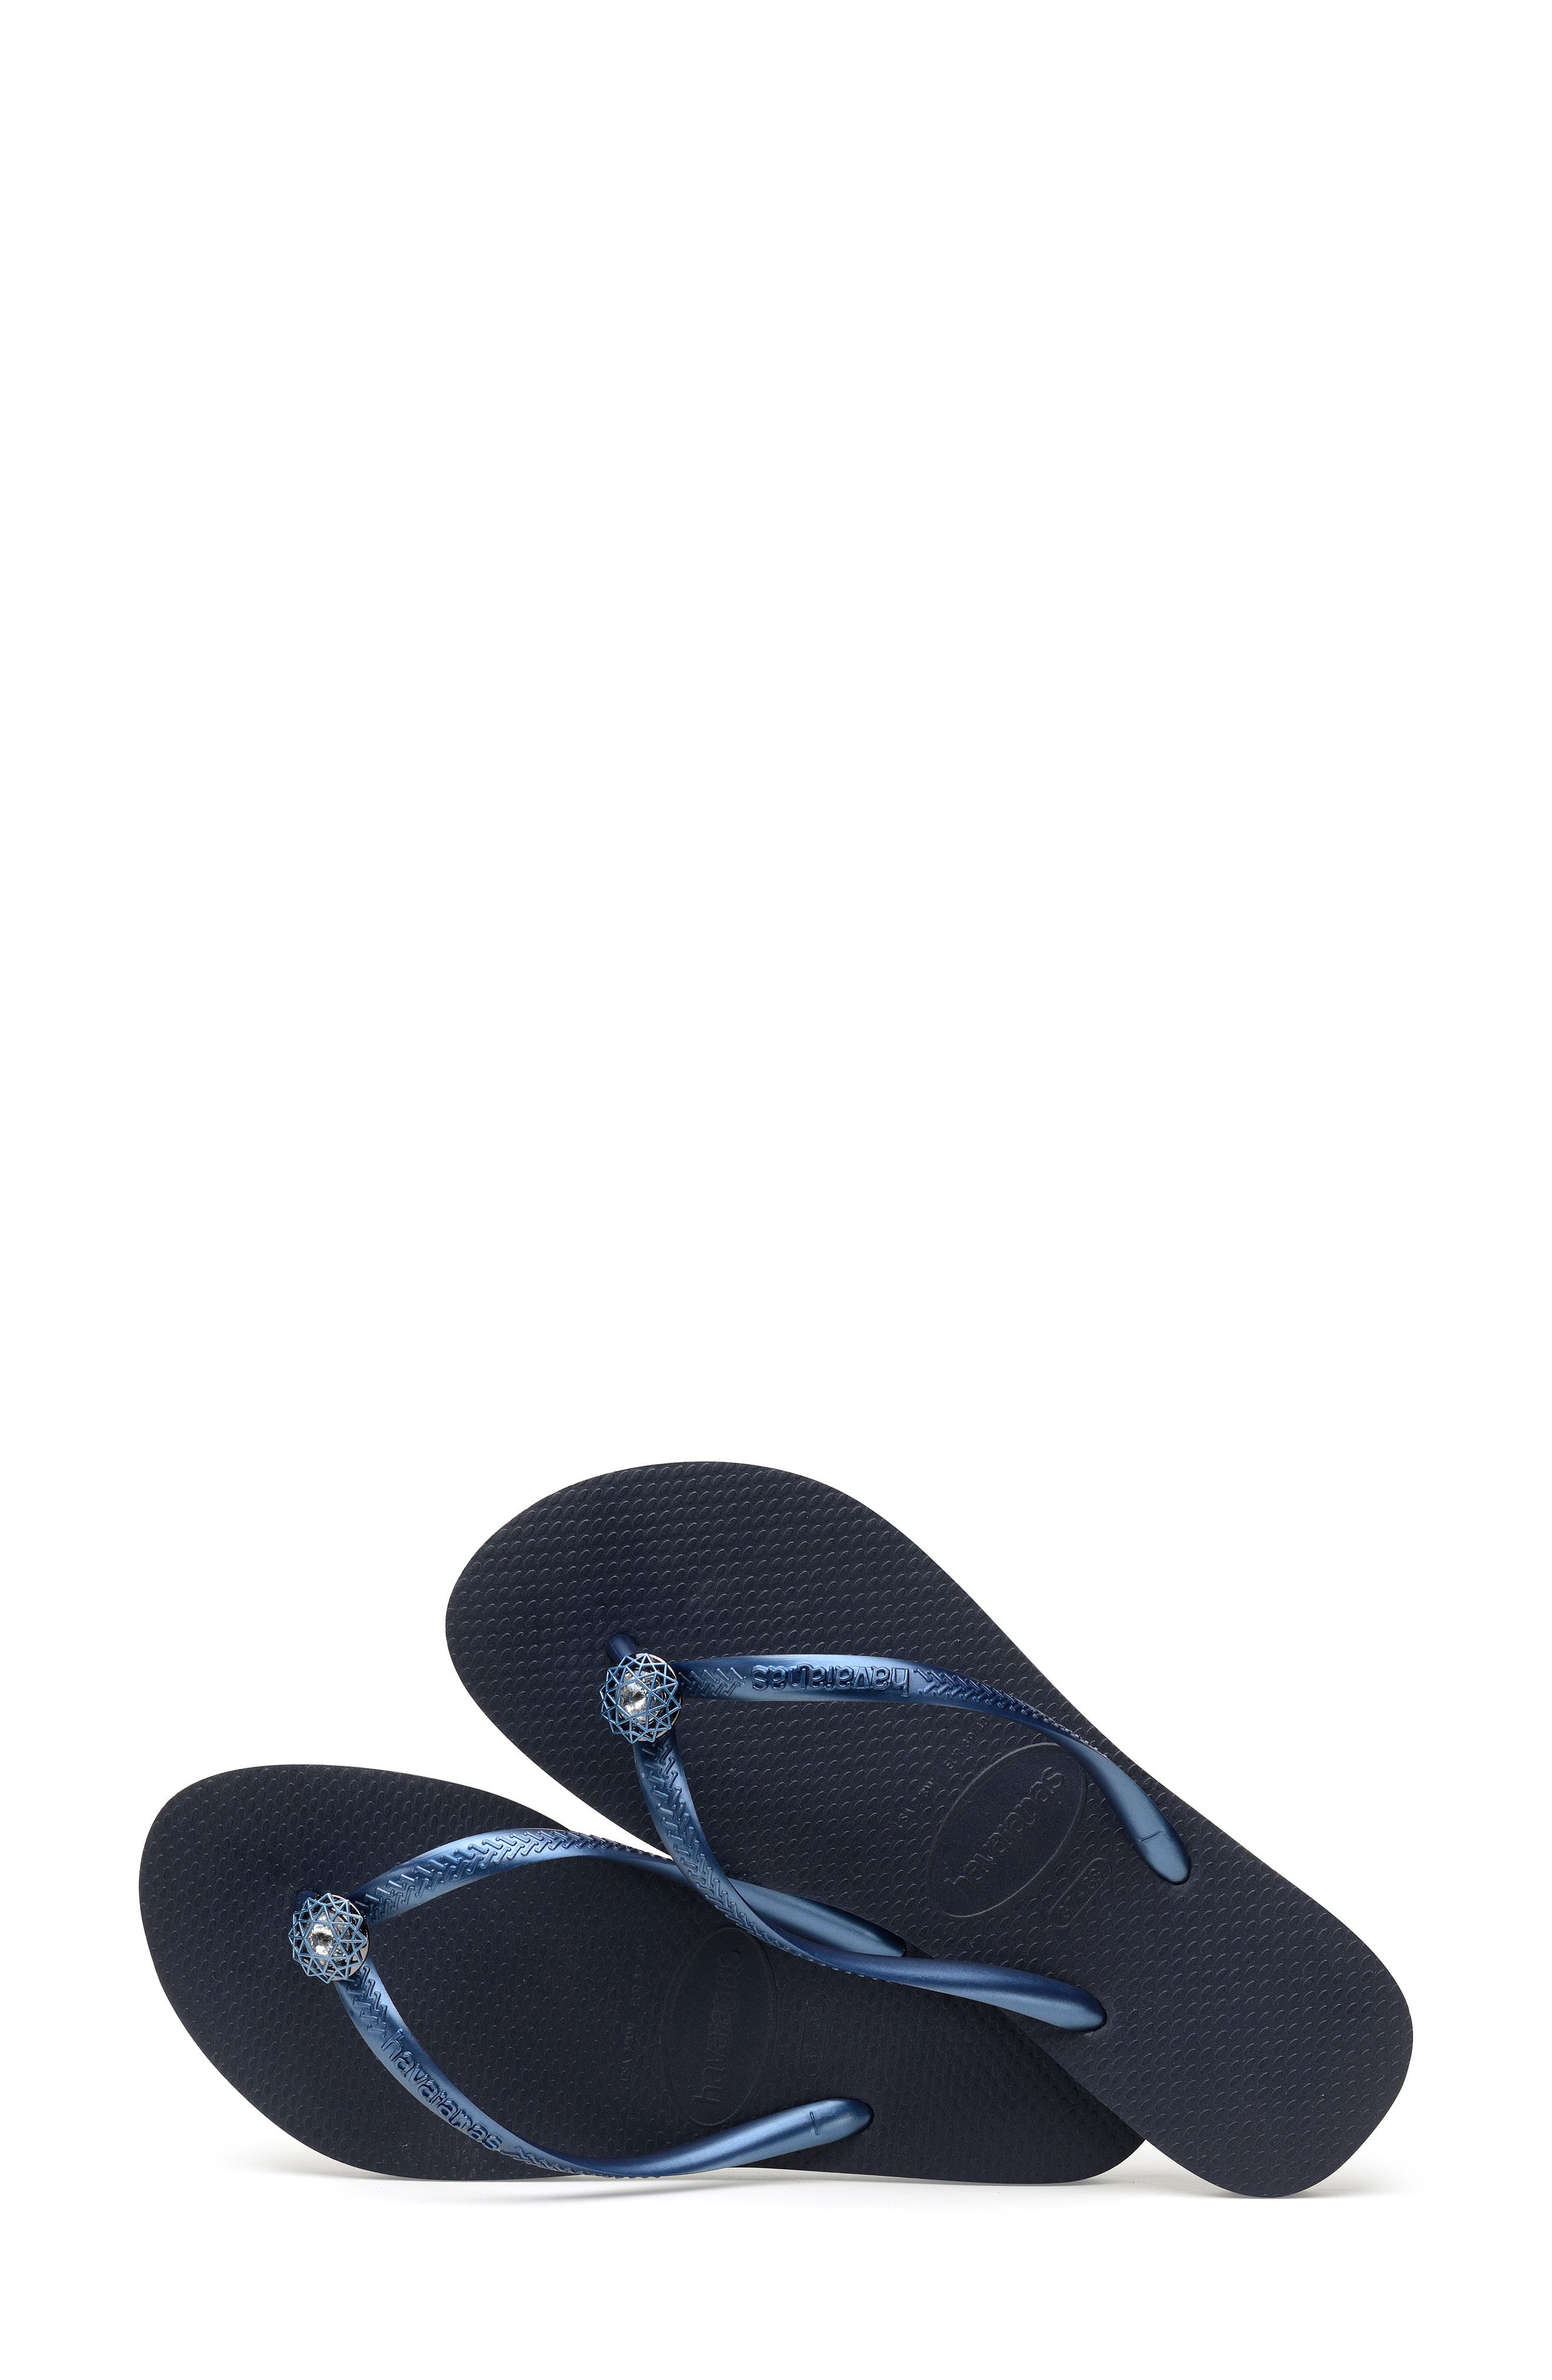 d69a99f43c1860 Women s Havaianas Sandals